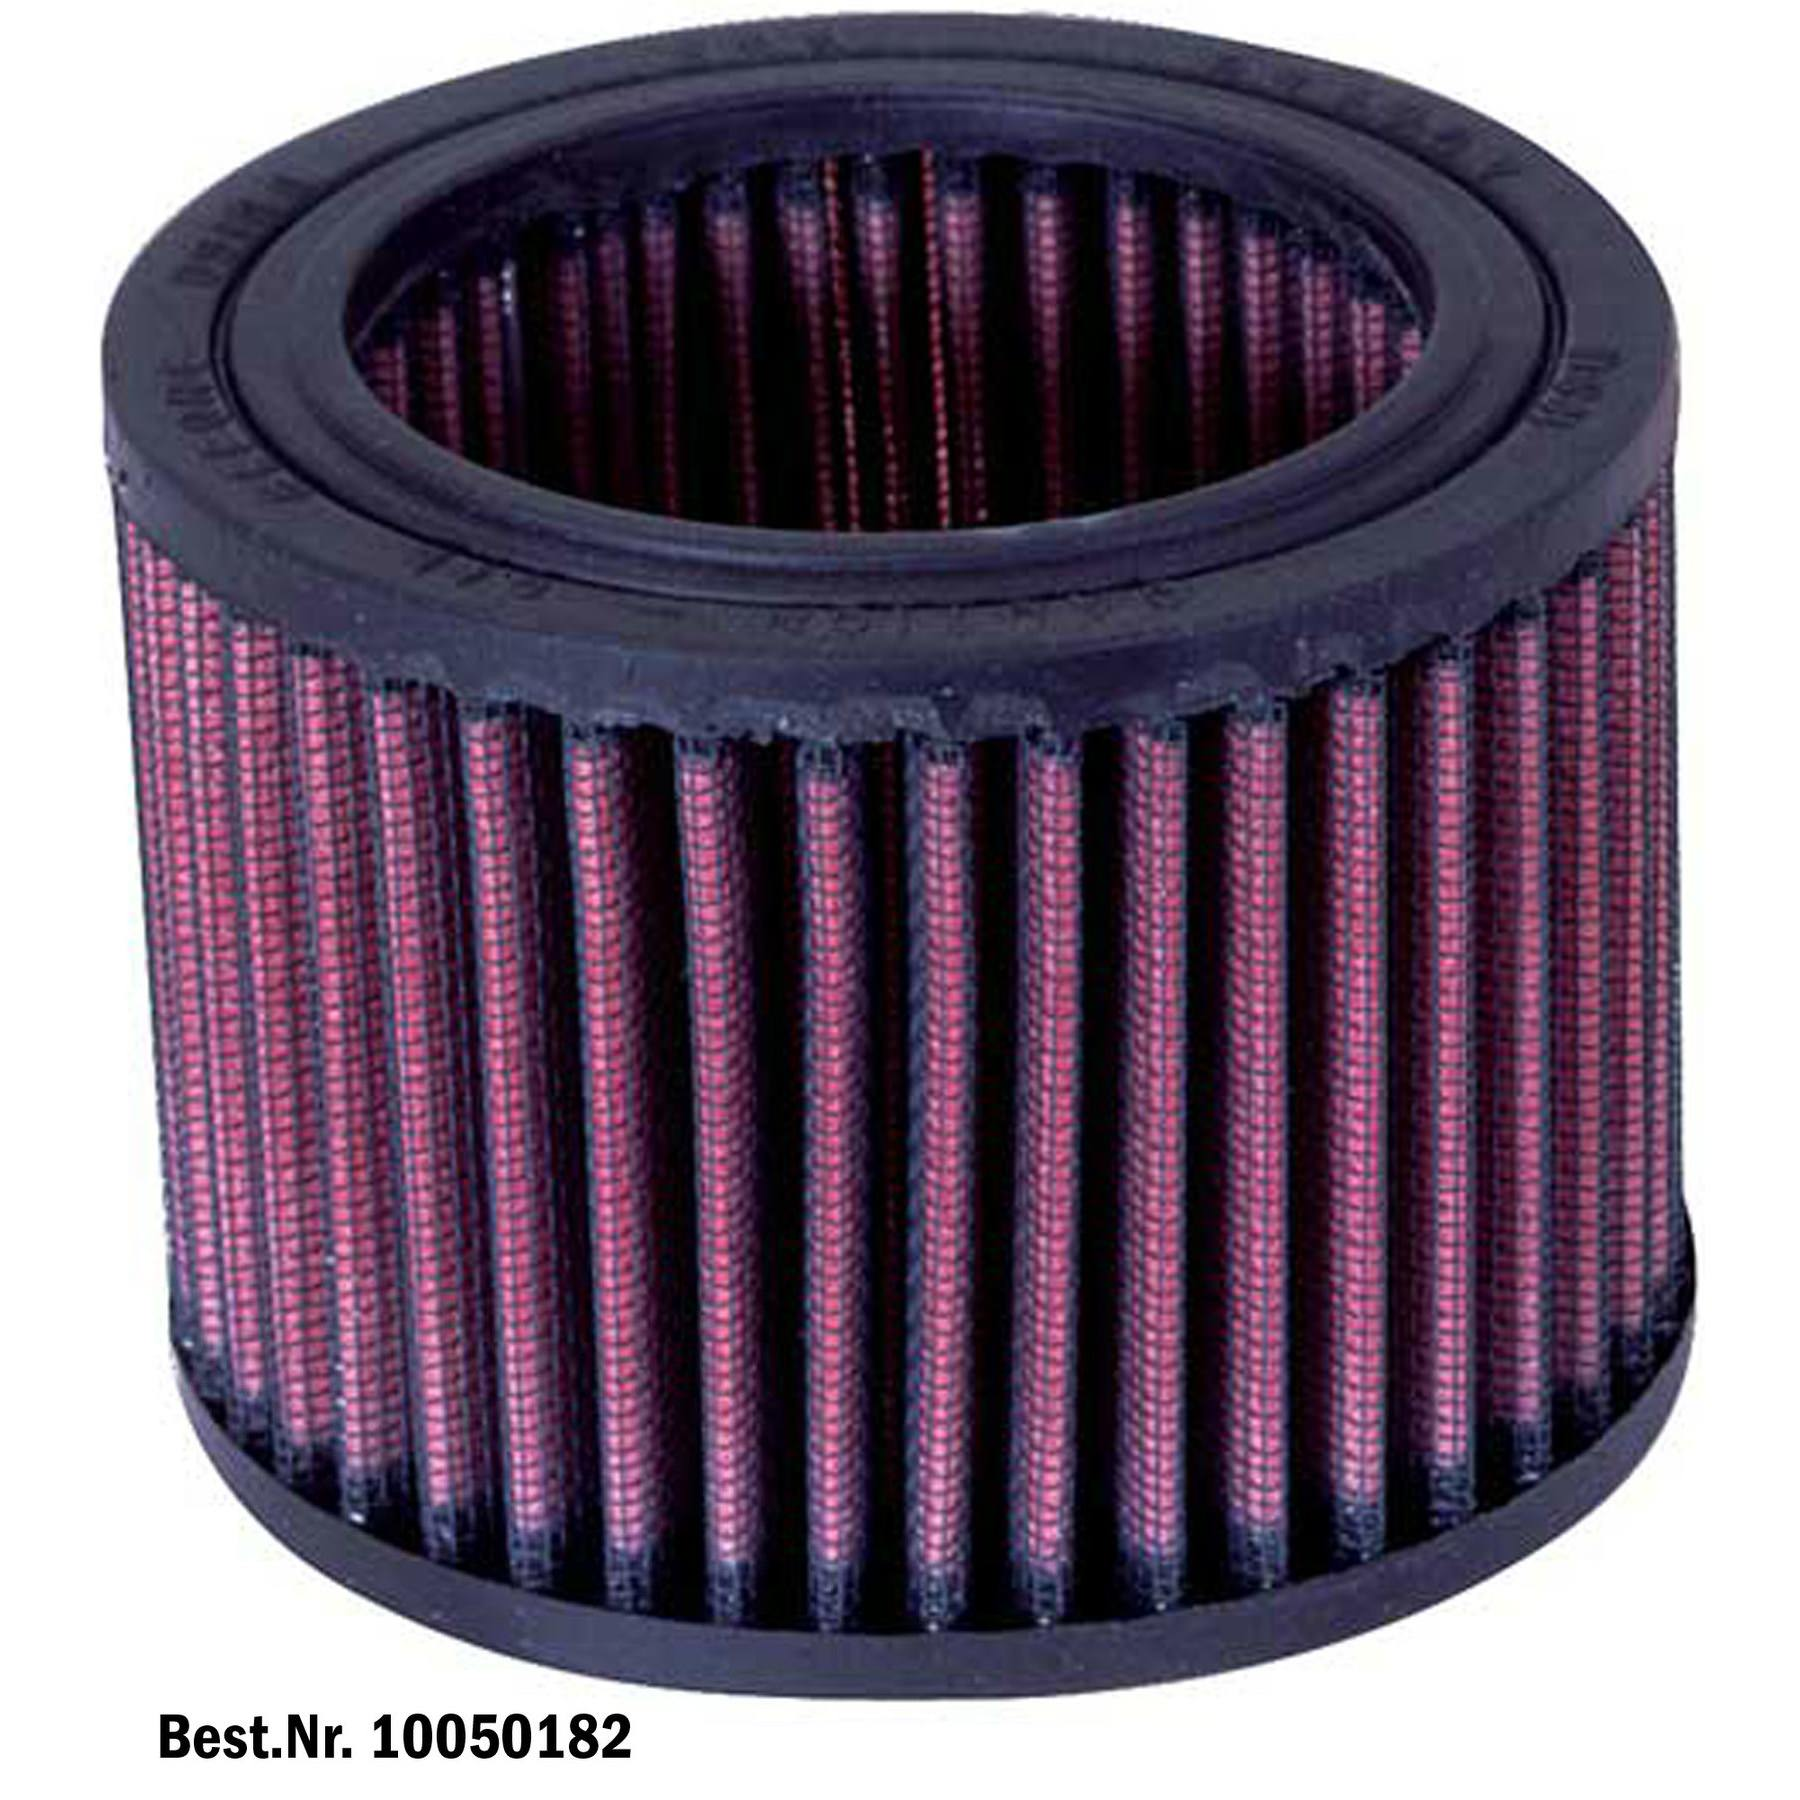 AIR FILTER FOR SUZUKI DR800 1988-90